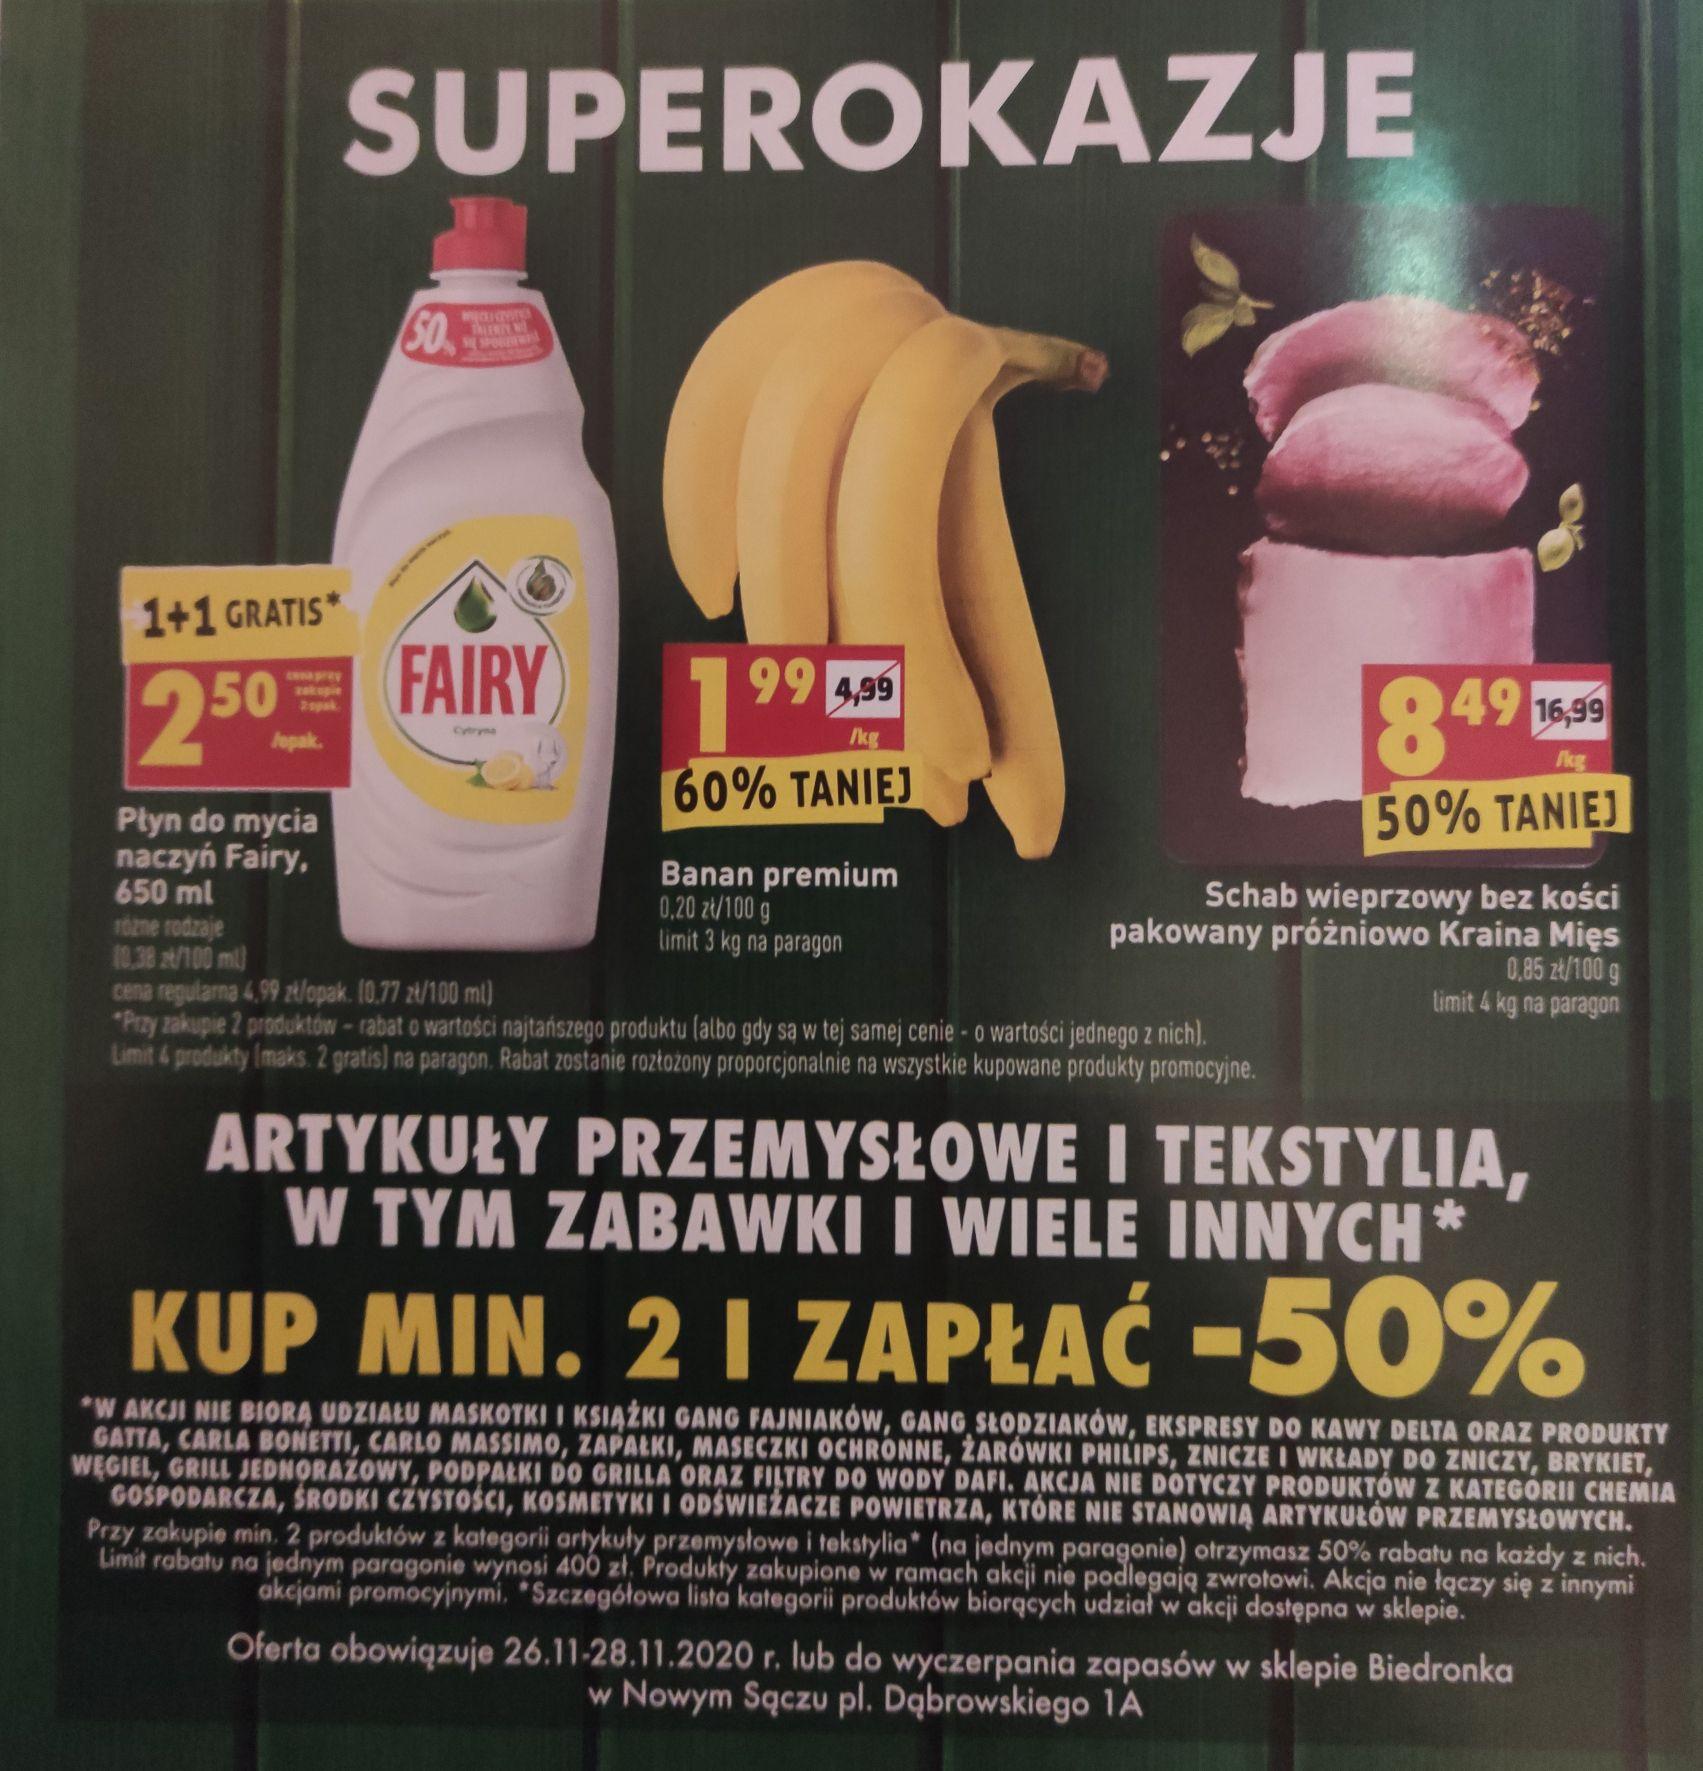 Płyn Fairy 1+1, Banany 1.99/kg, art. przemysłowe 50% taniej i inne - Biedronka Nowy Sącz, pl. Dąbrowskiego